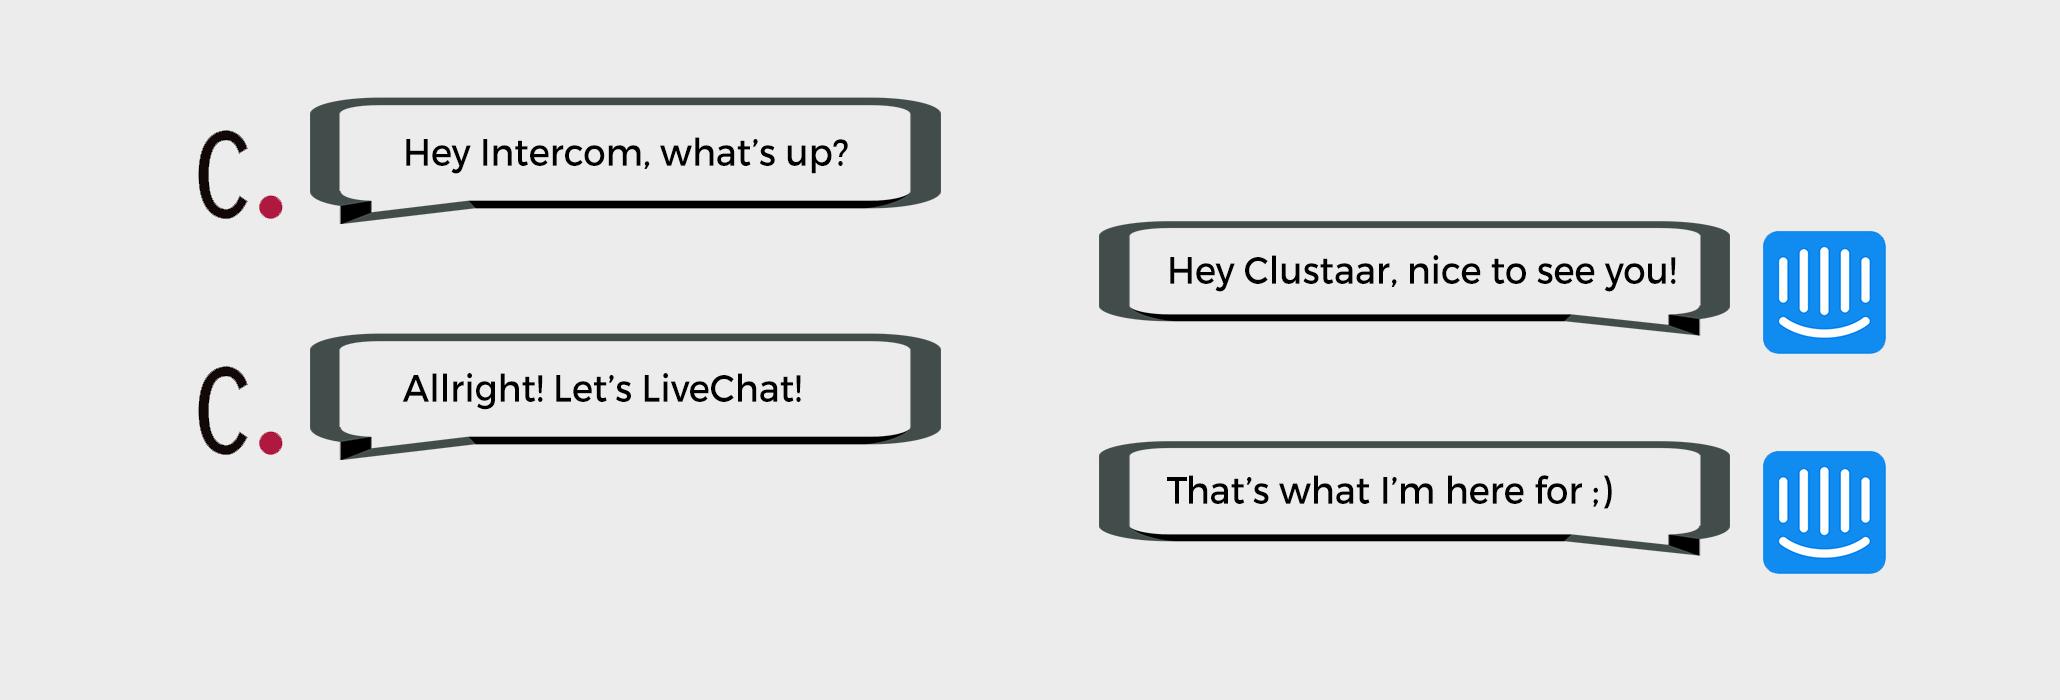 Livechat + Chatbot : Les chatbots de Clustaar s'intègrent à Intercom